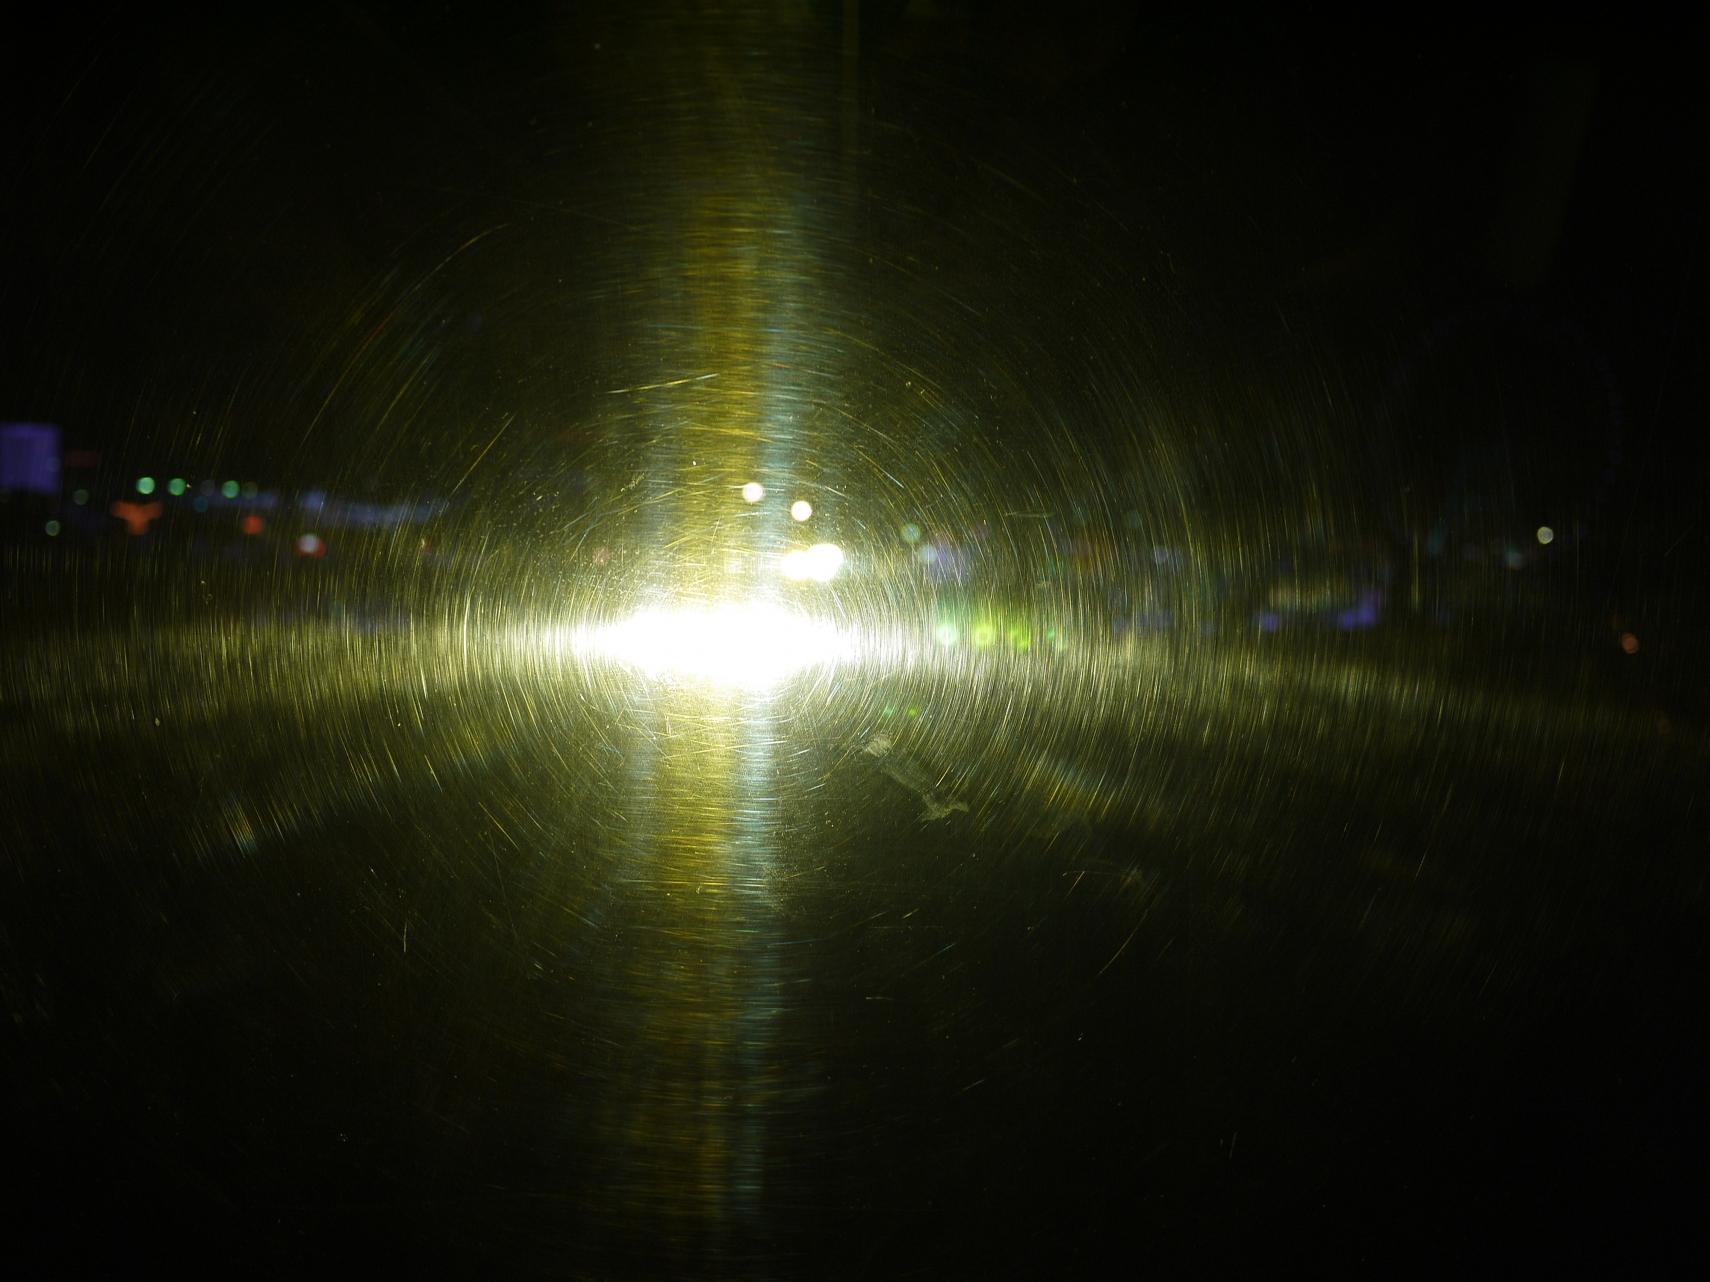 ガラスを透過する光